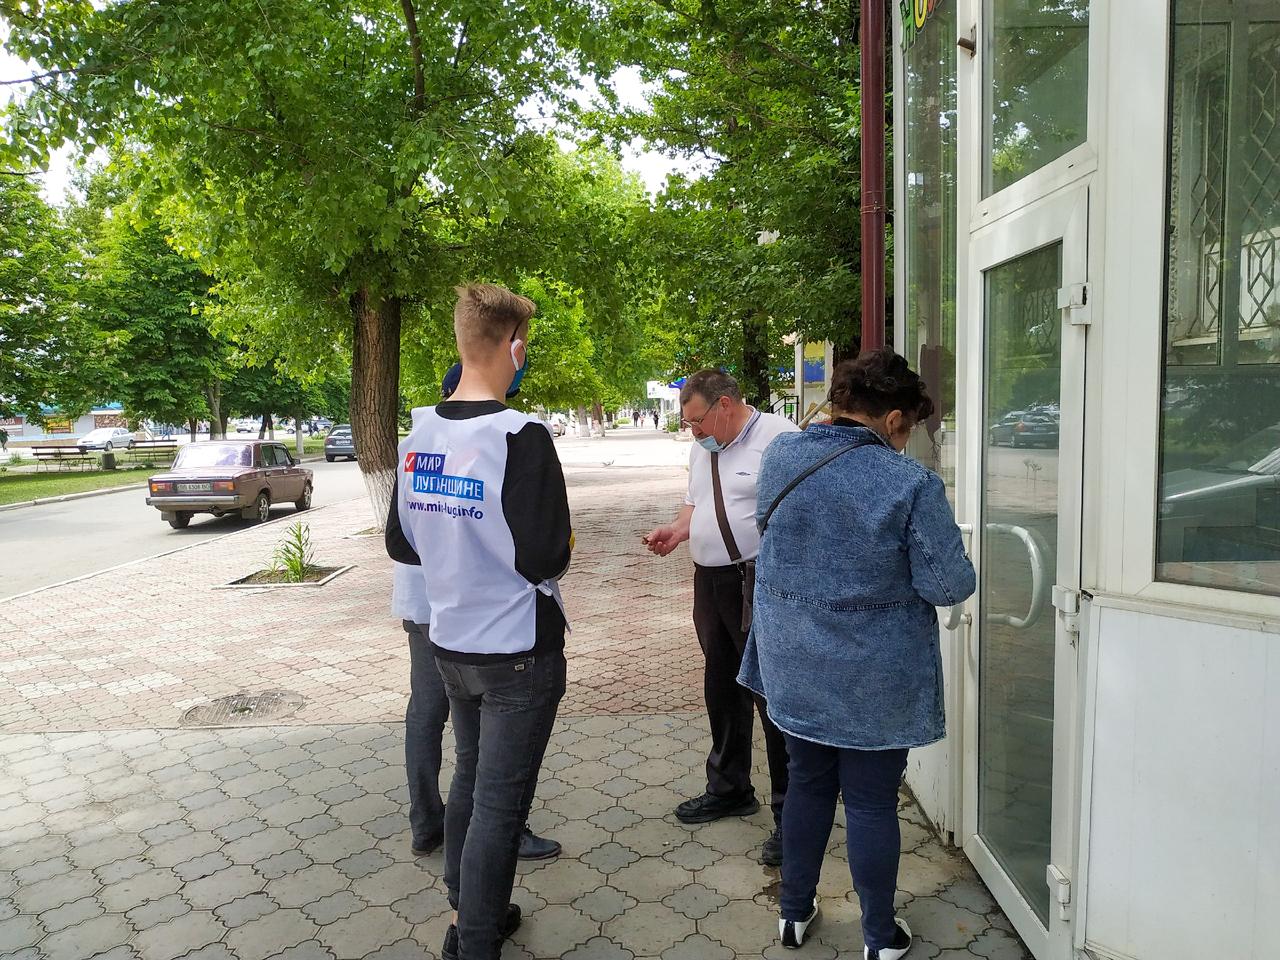 Активисты проекта «Дружина» приняли участие в акции «Стоп наркотикам!» в Свердловске 1